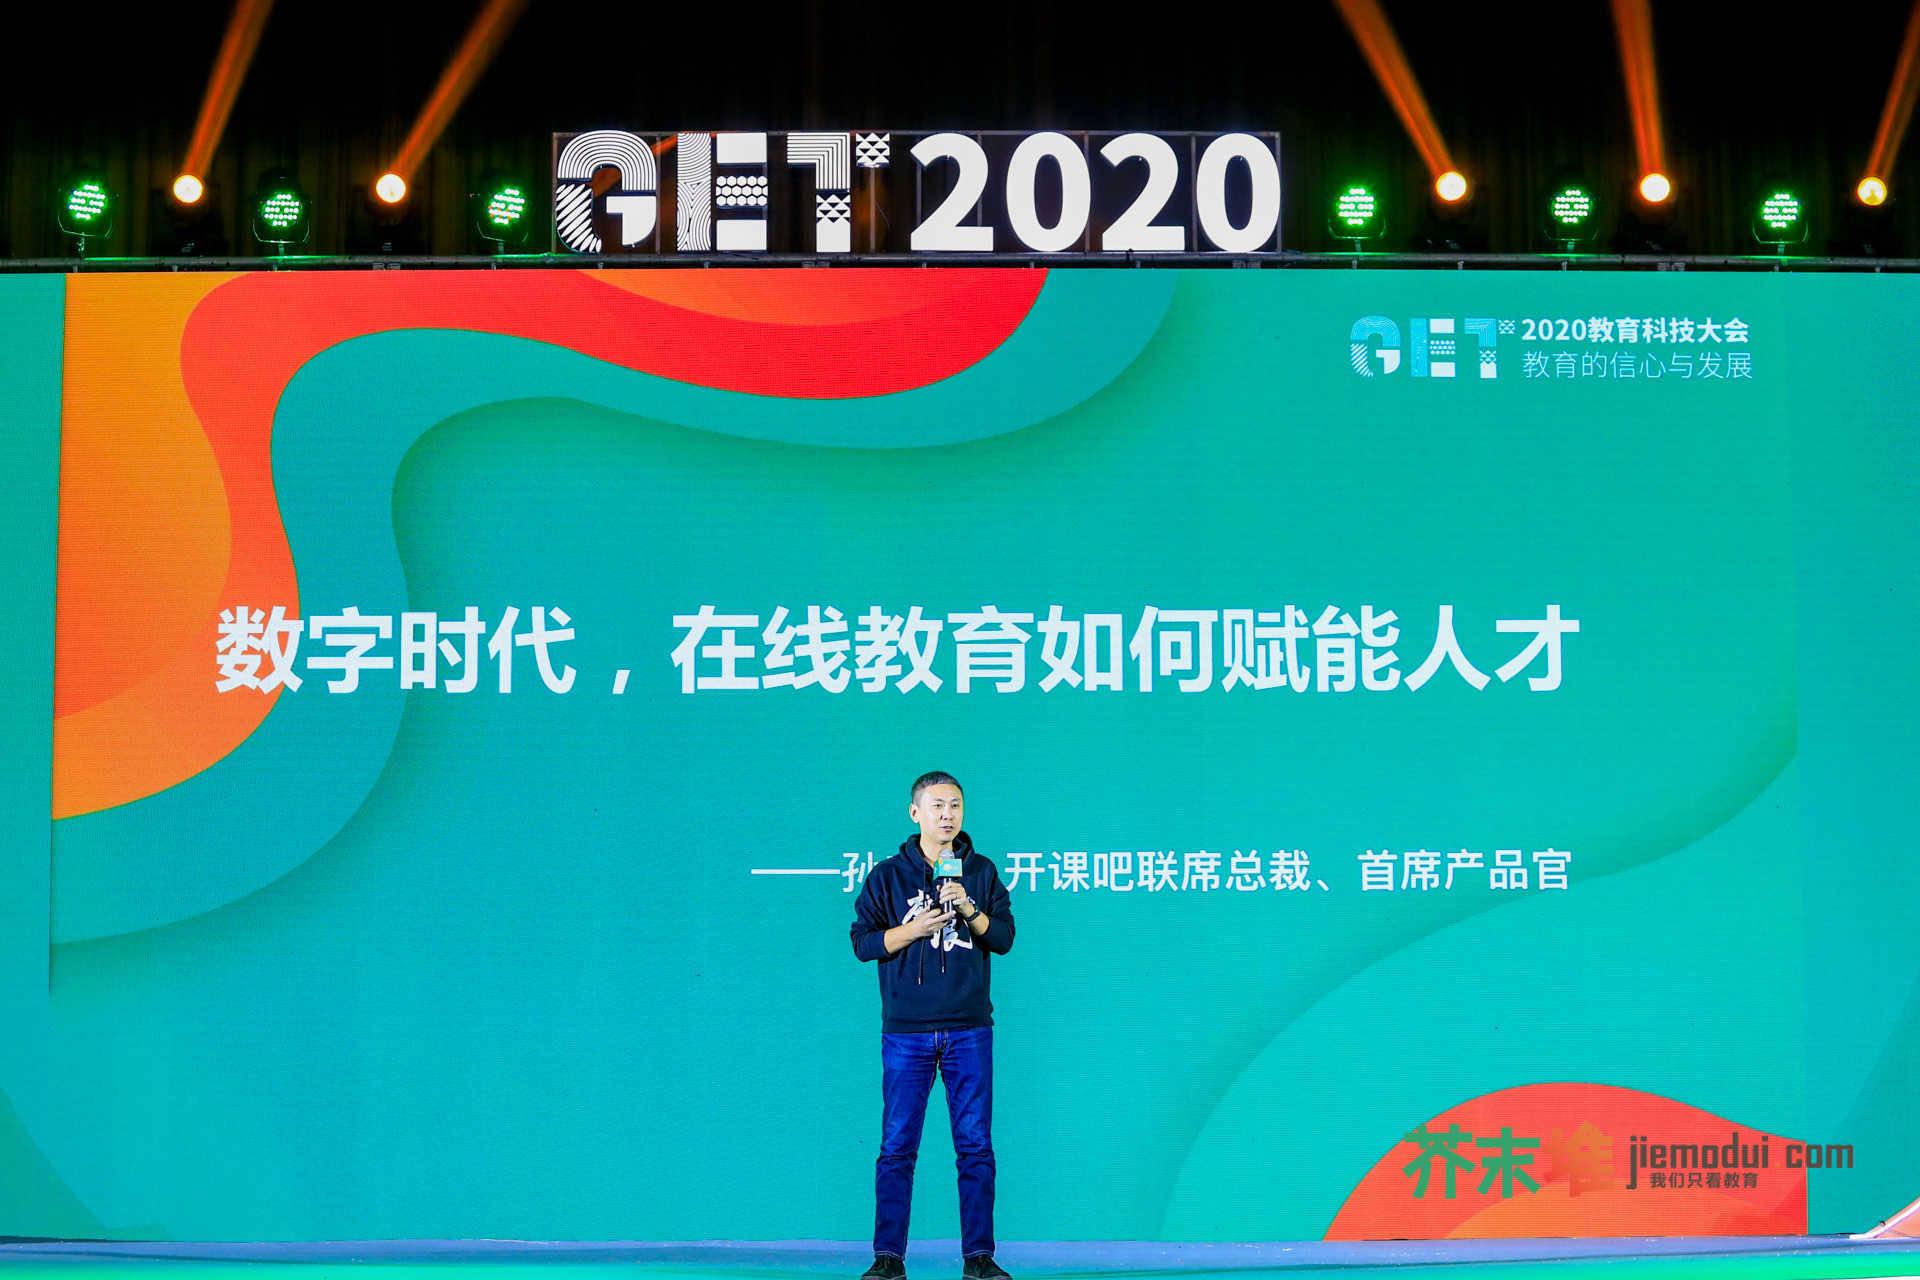 【GET2020】开课吧孙志岗:数字化思维和工具应用能力是数字化转型的关键